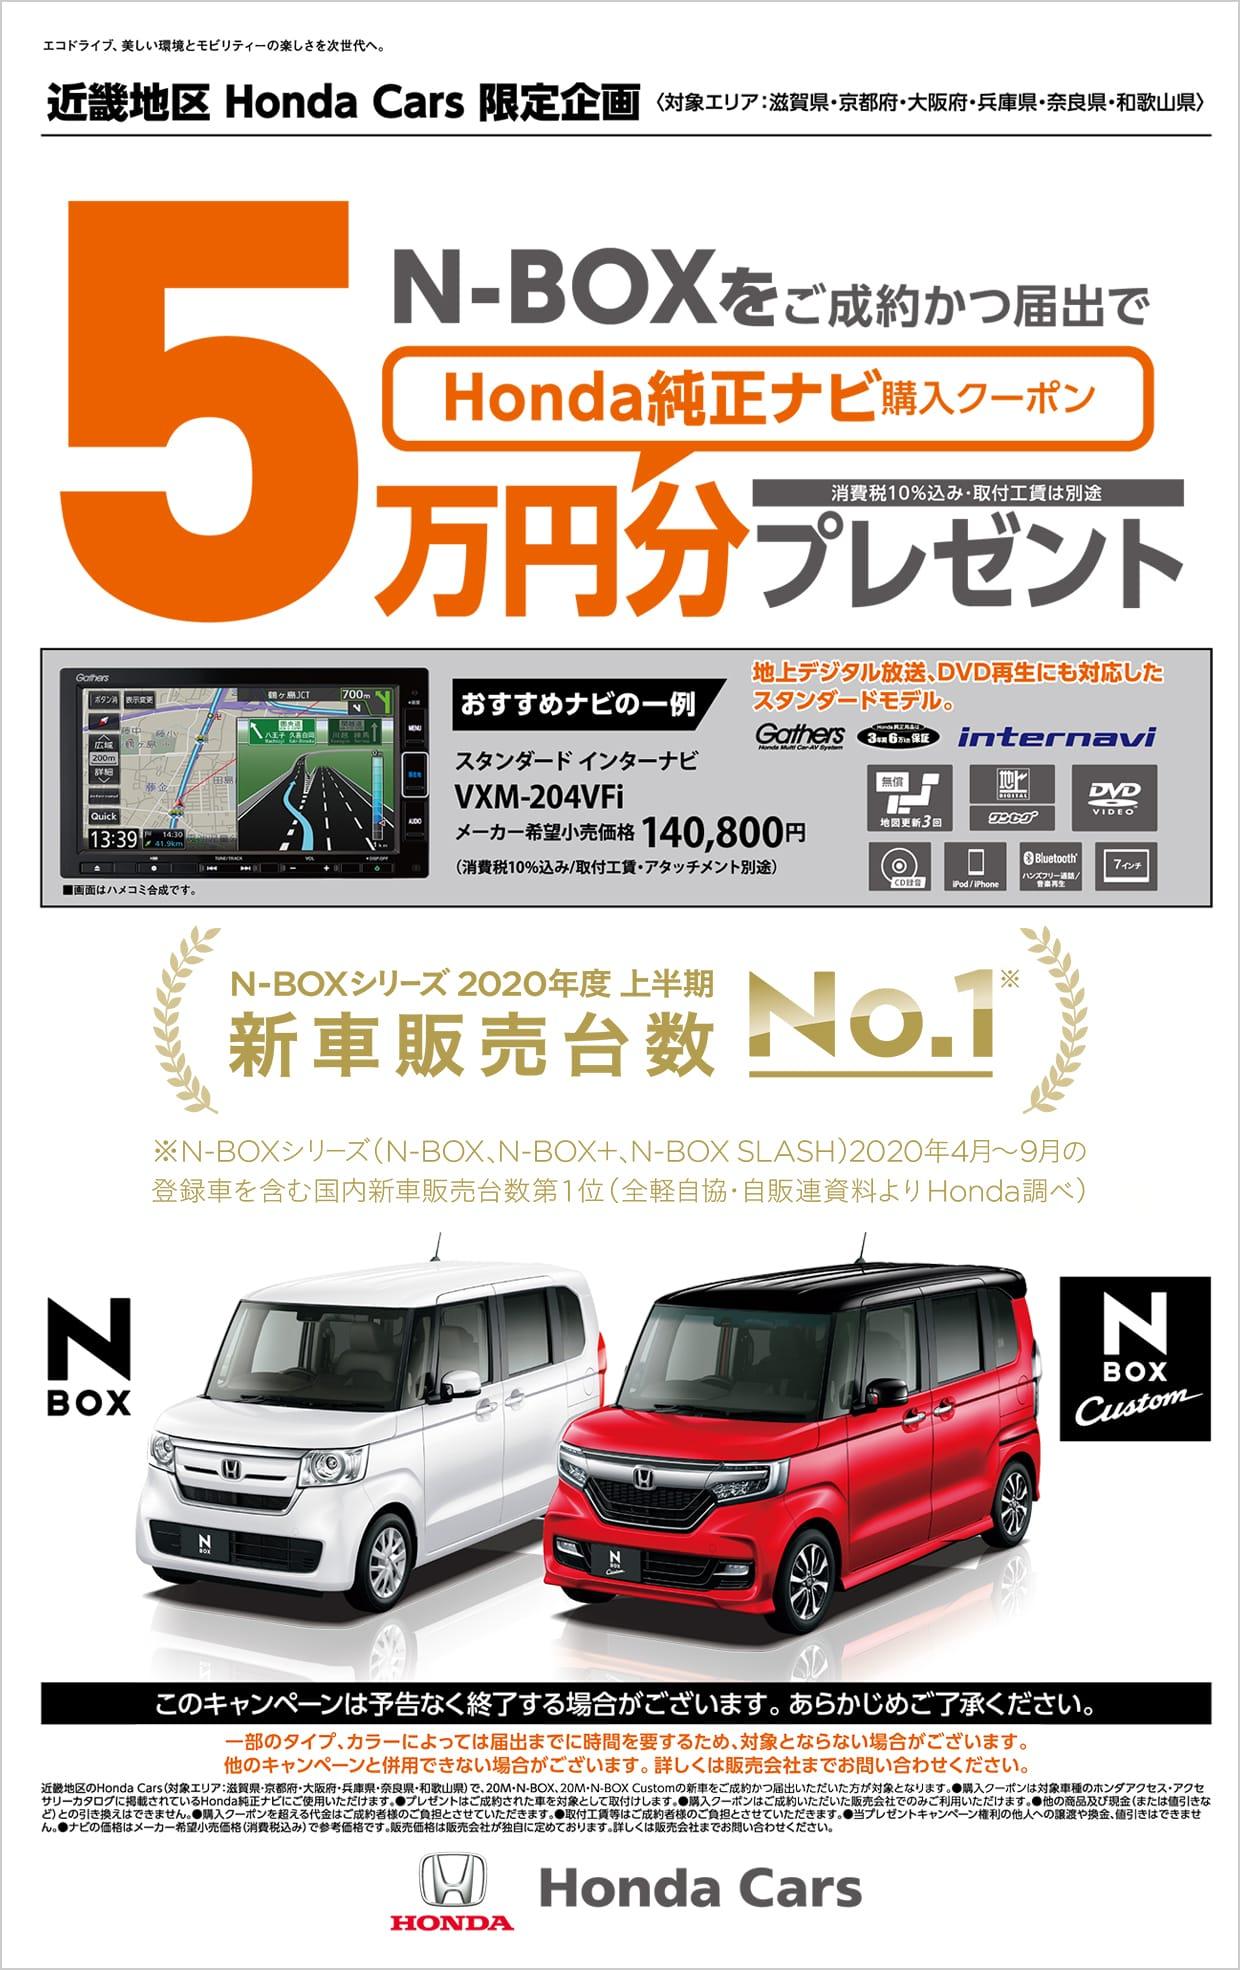 N-BOXをご成約かつ届出でHonda純正ナビ購入クーポン 5万円分プレゼント